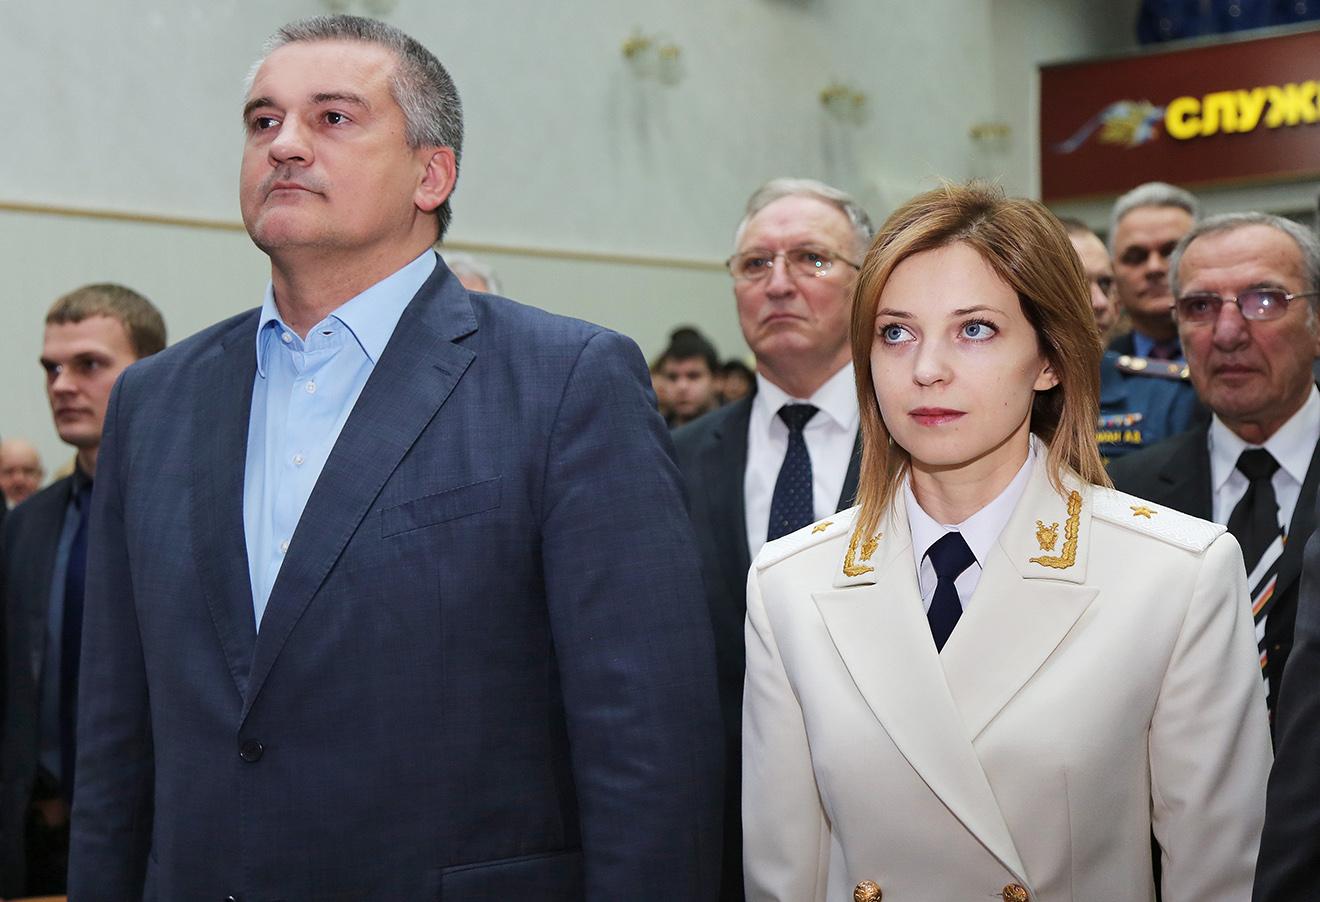 Сергей Аксенов и Наталья Поклонская. Фото: Дарья Самсонова / ТАСС